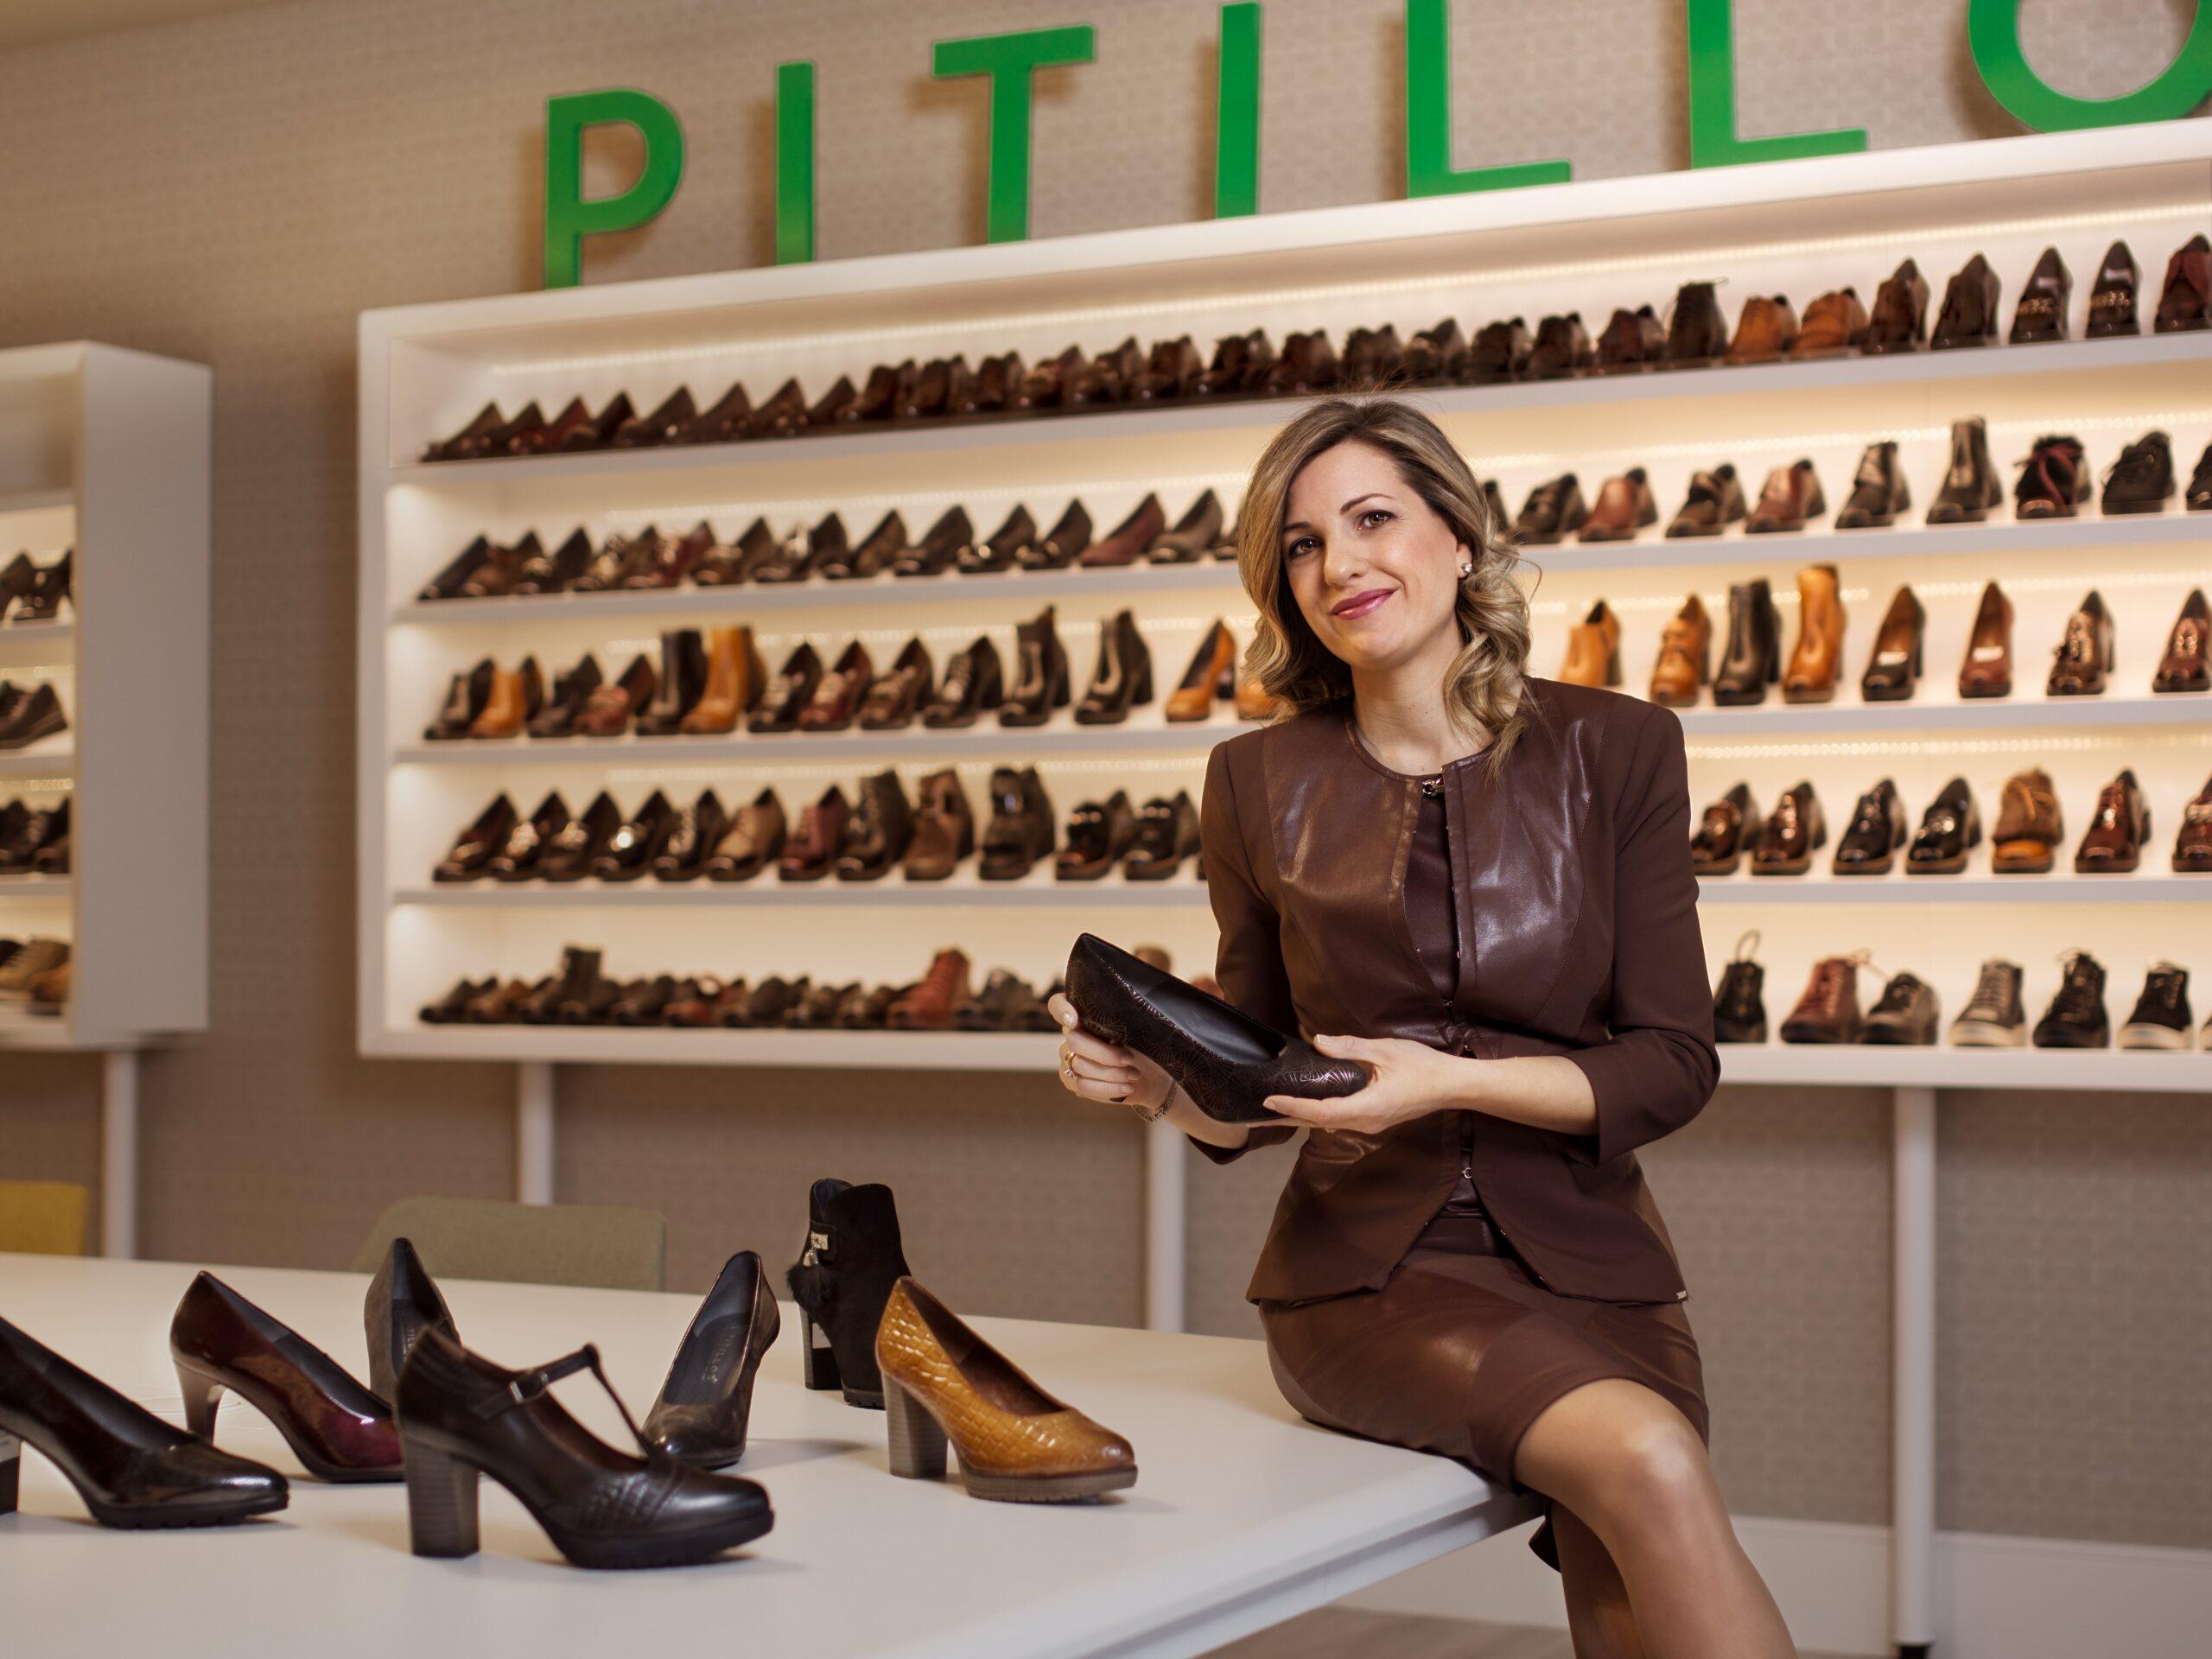 """Entrevista Silvia Hernández, directora general del Grupo Pitillos: """"No le damos a los pies la importancia que realmente tienen"""""""